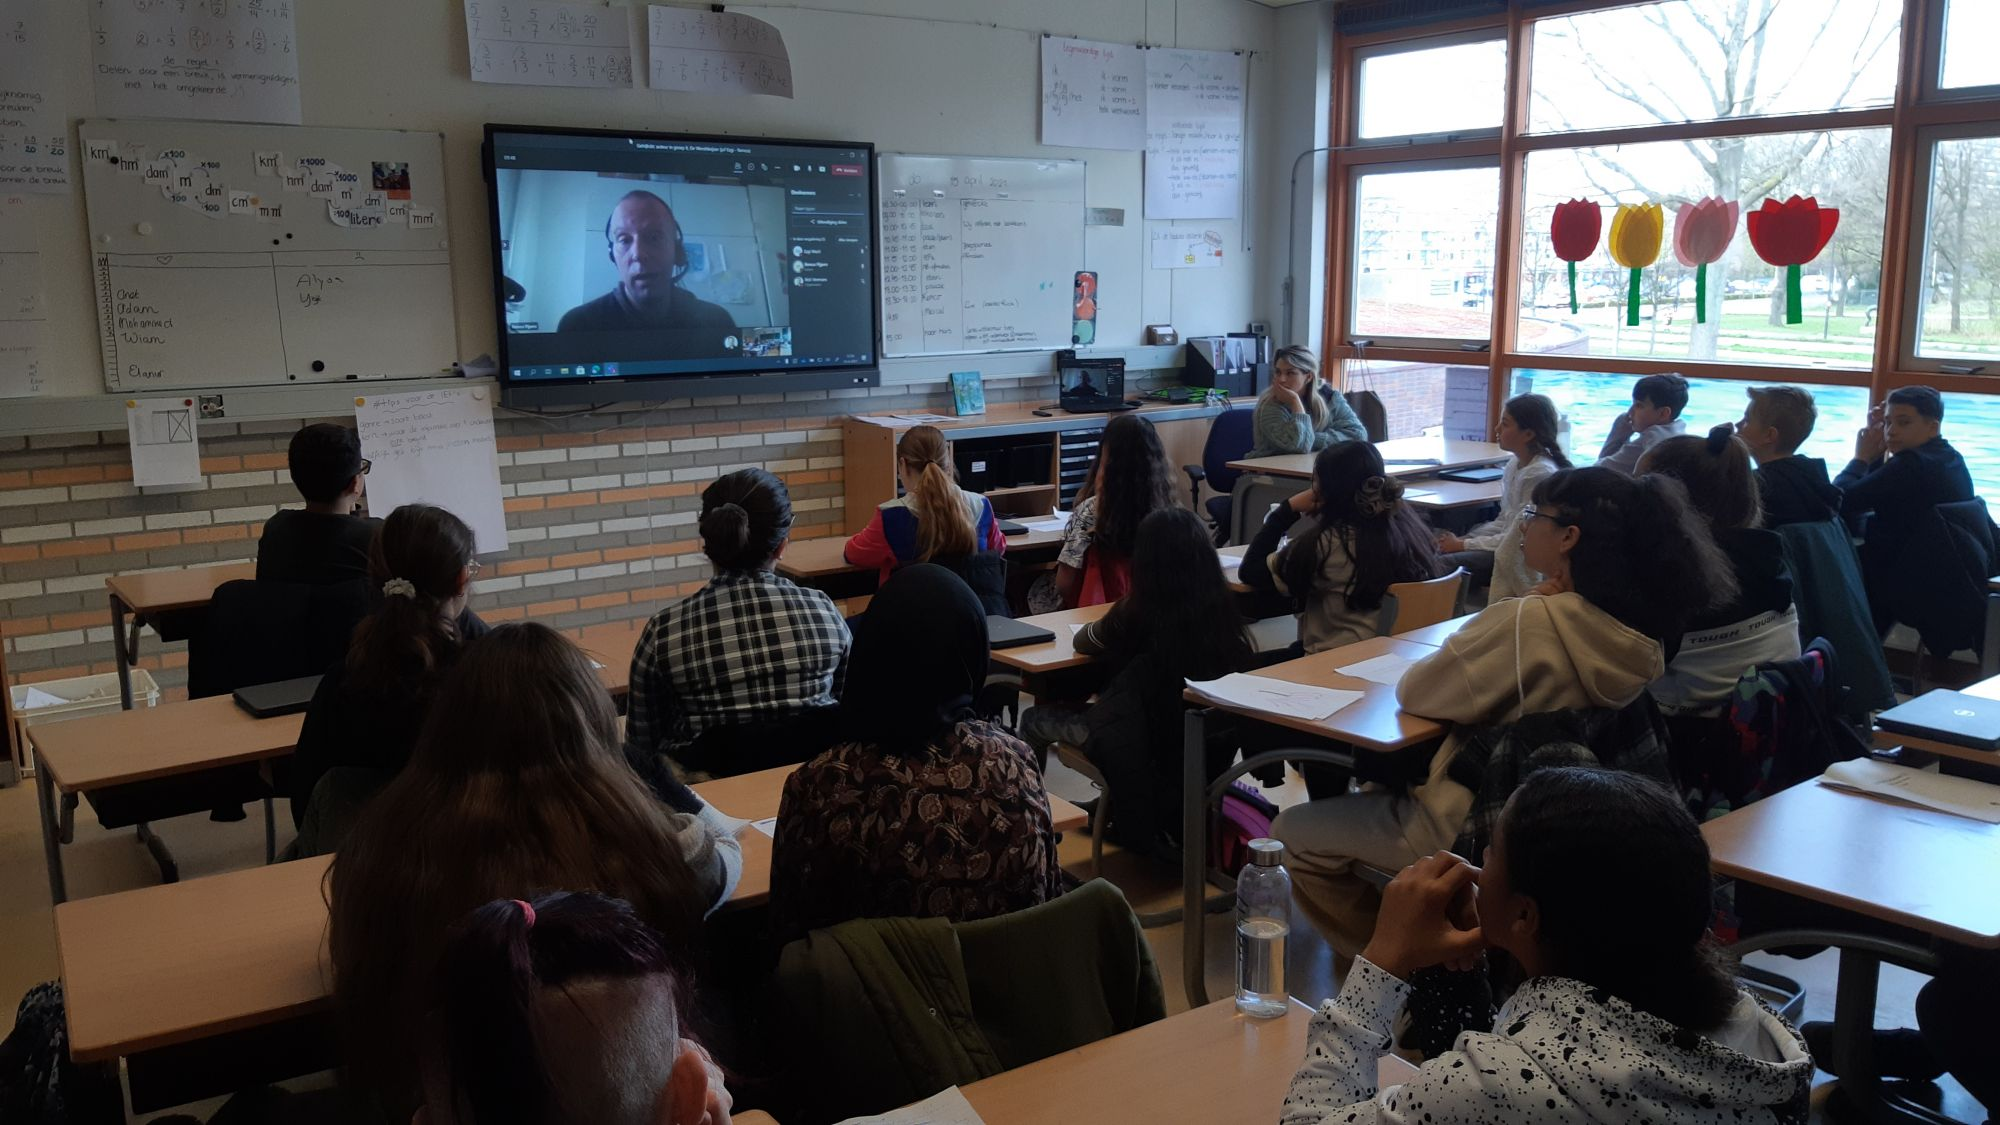 Schrijver 'Gehackt' op bezoek in IKC De Wereldwijzer